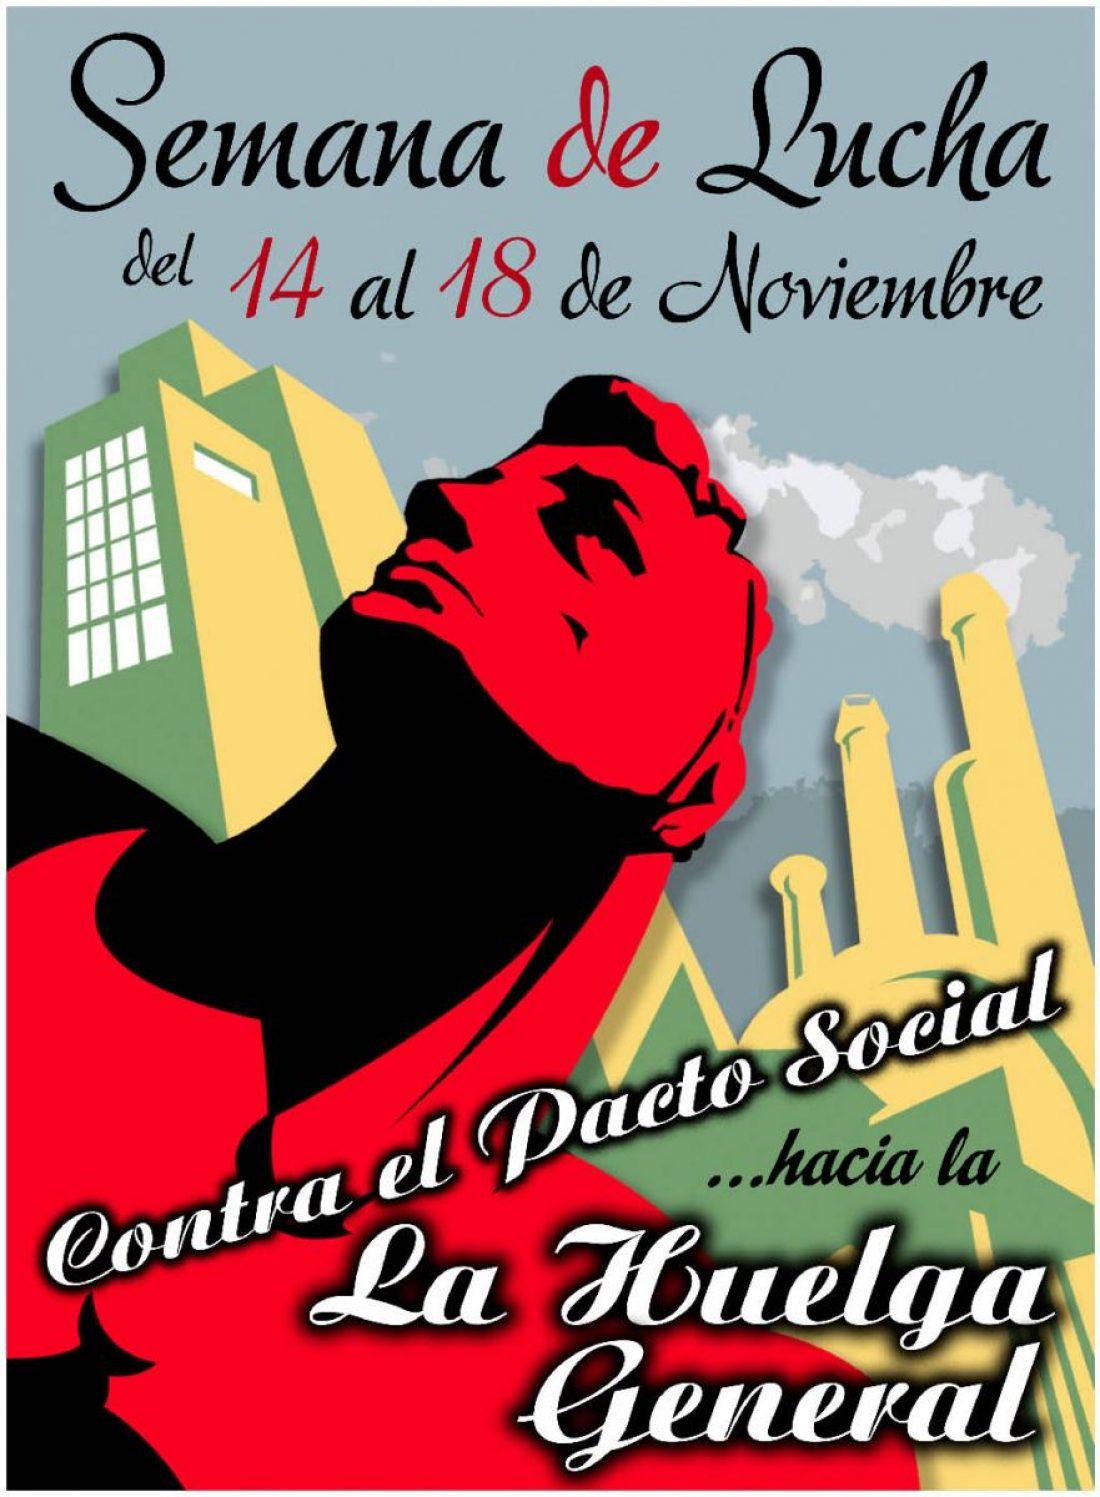 Manifiesto: Semana de Lucha del 14 al 18 de noviembre de 2011